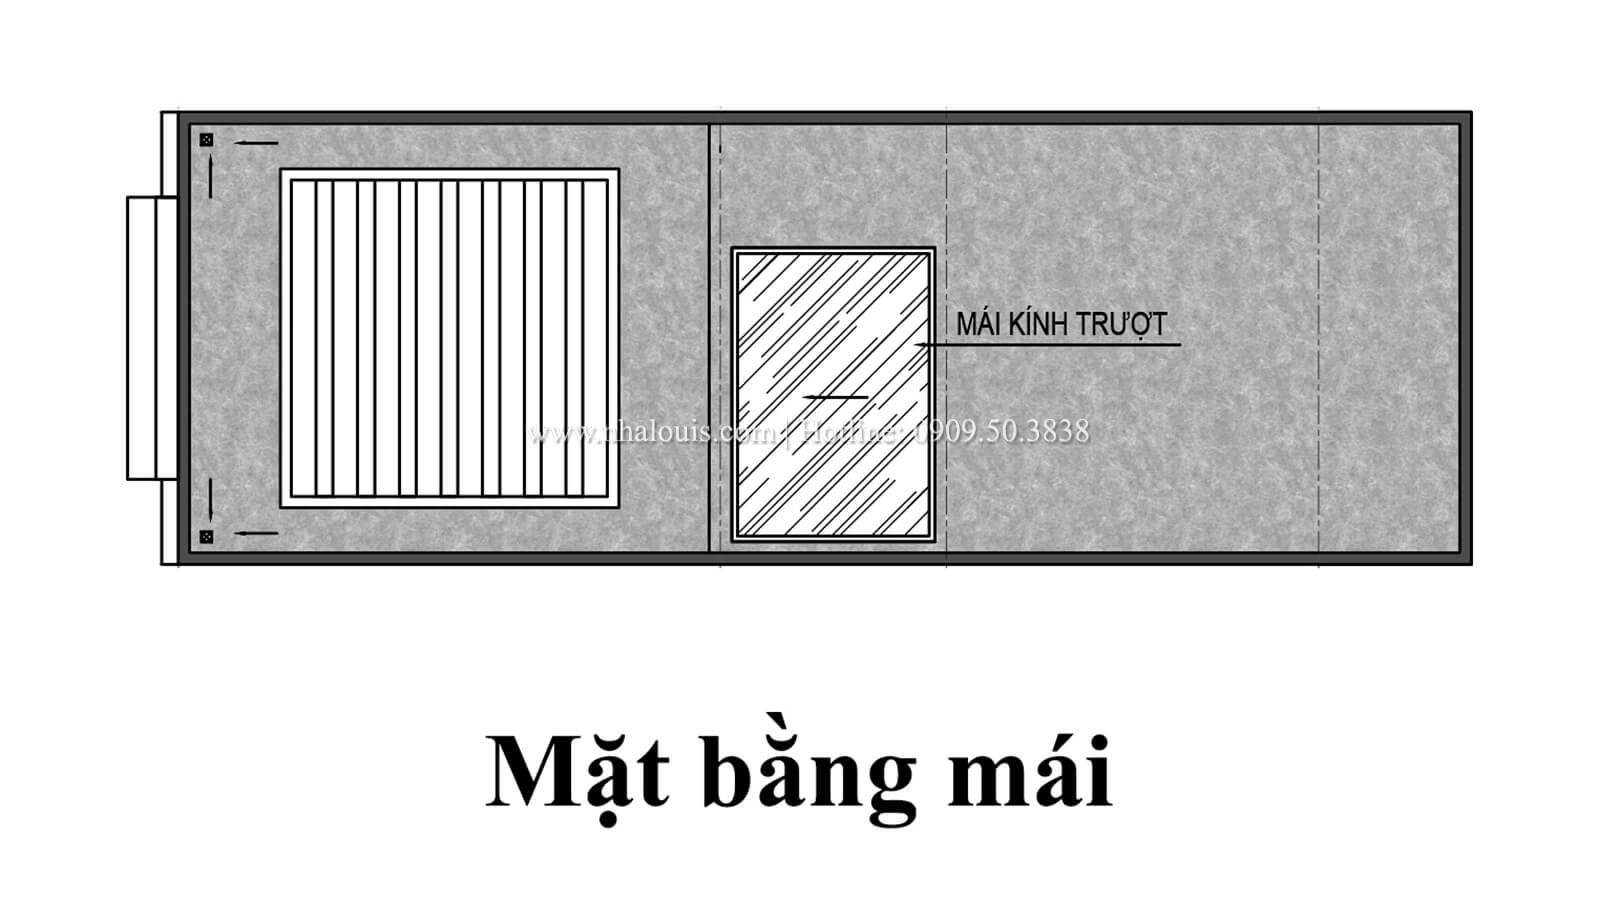 Mặt bằng tầng mái Nhà 4×15 tại Gò Vấp đẹp kiêu sa với phong cách tân cổ điển - 08